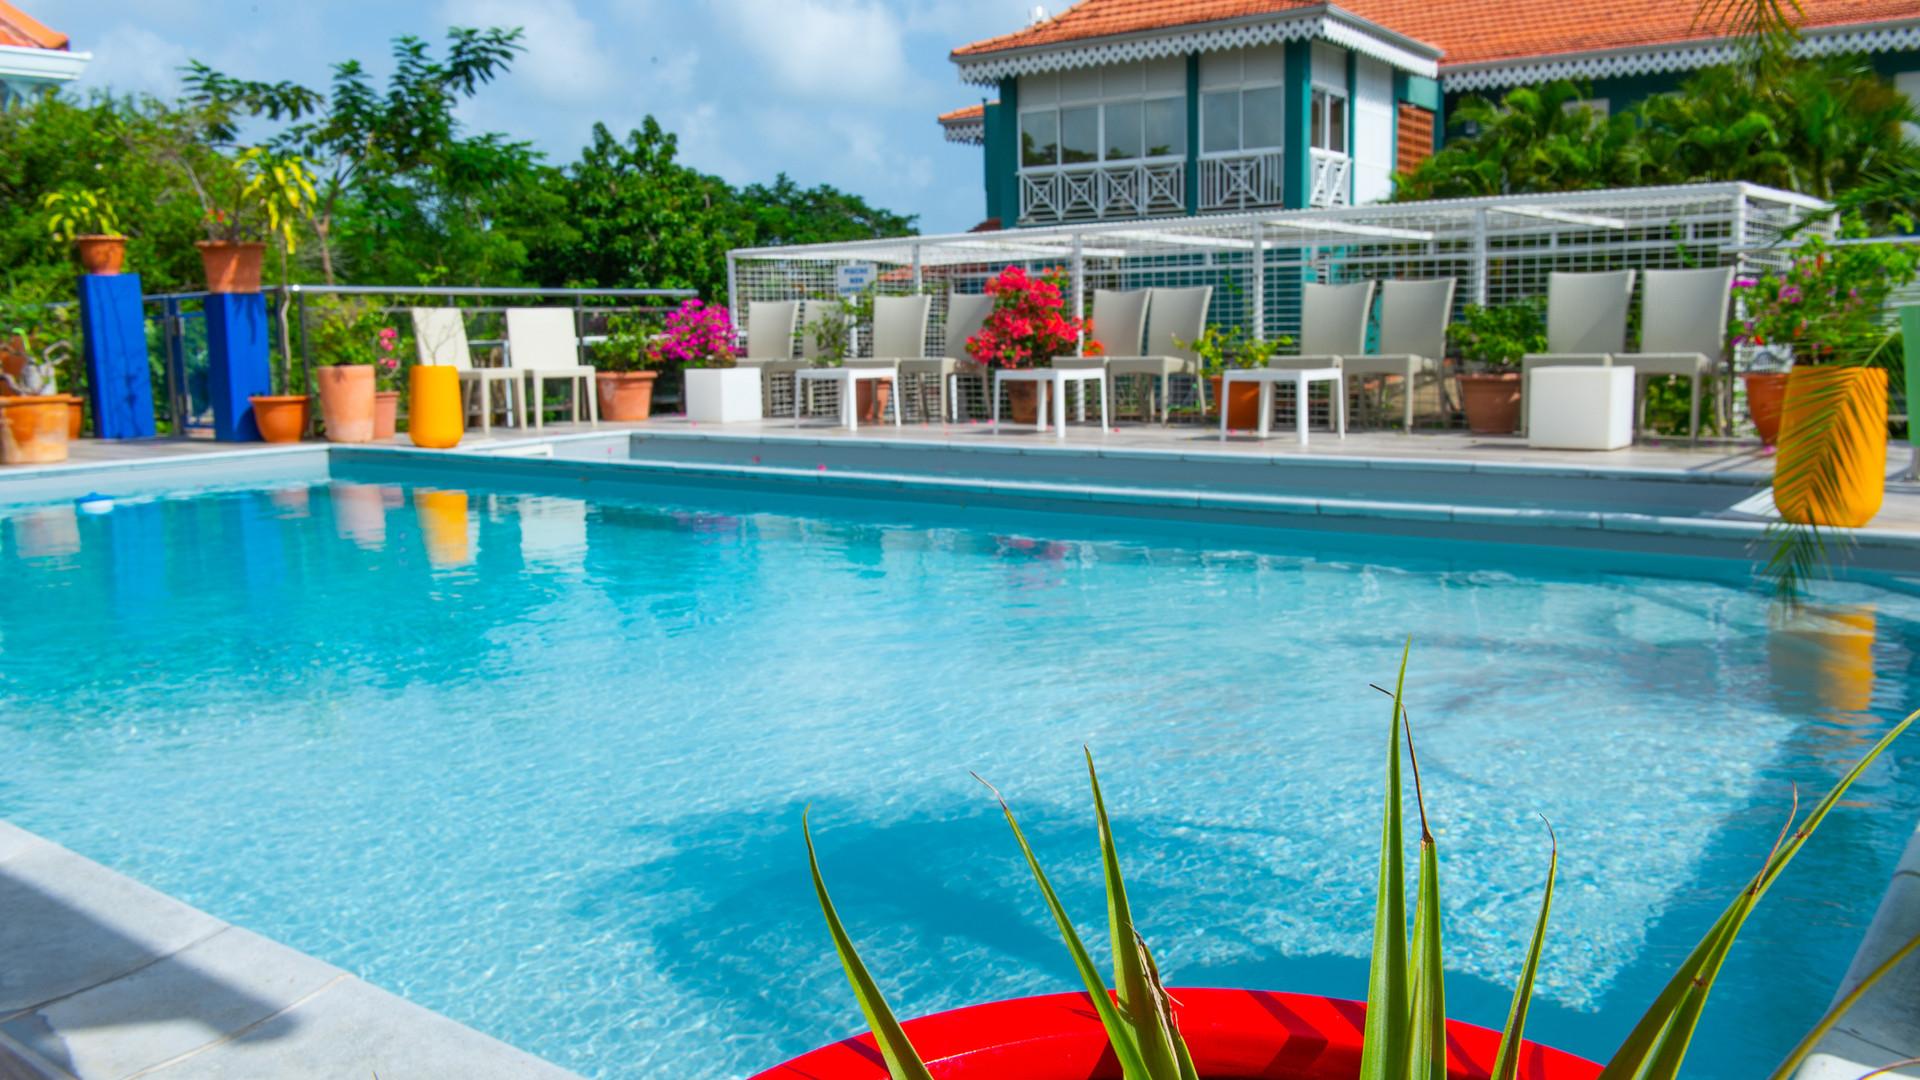 La piscine d l'Hôtel Frégate Bleue en Martinique